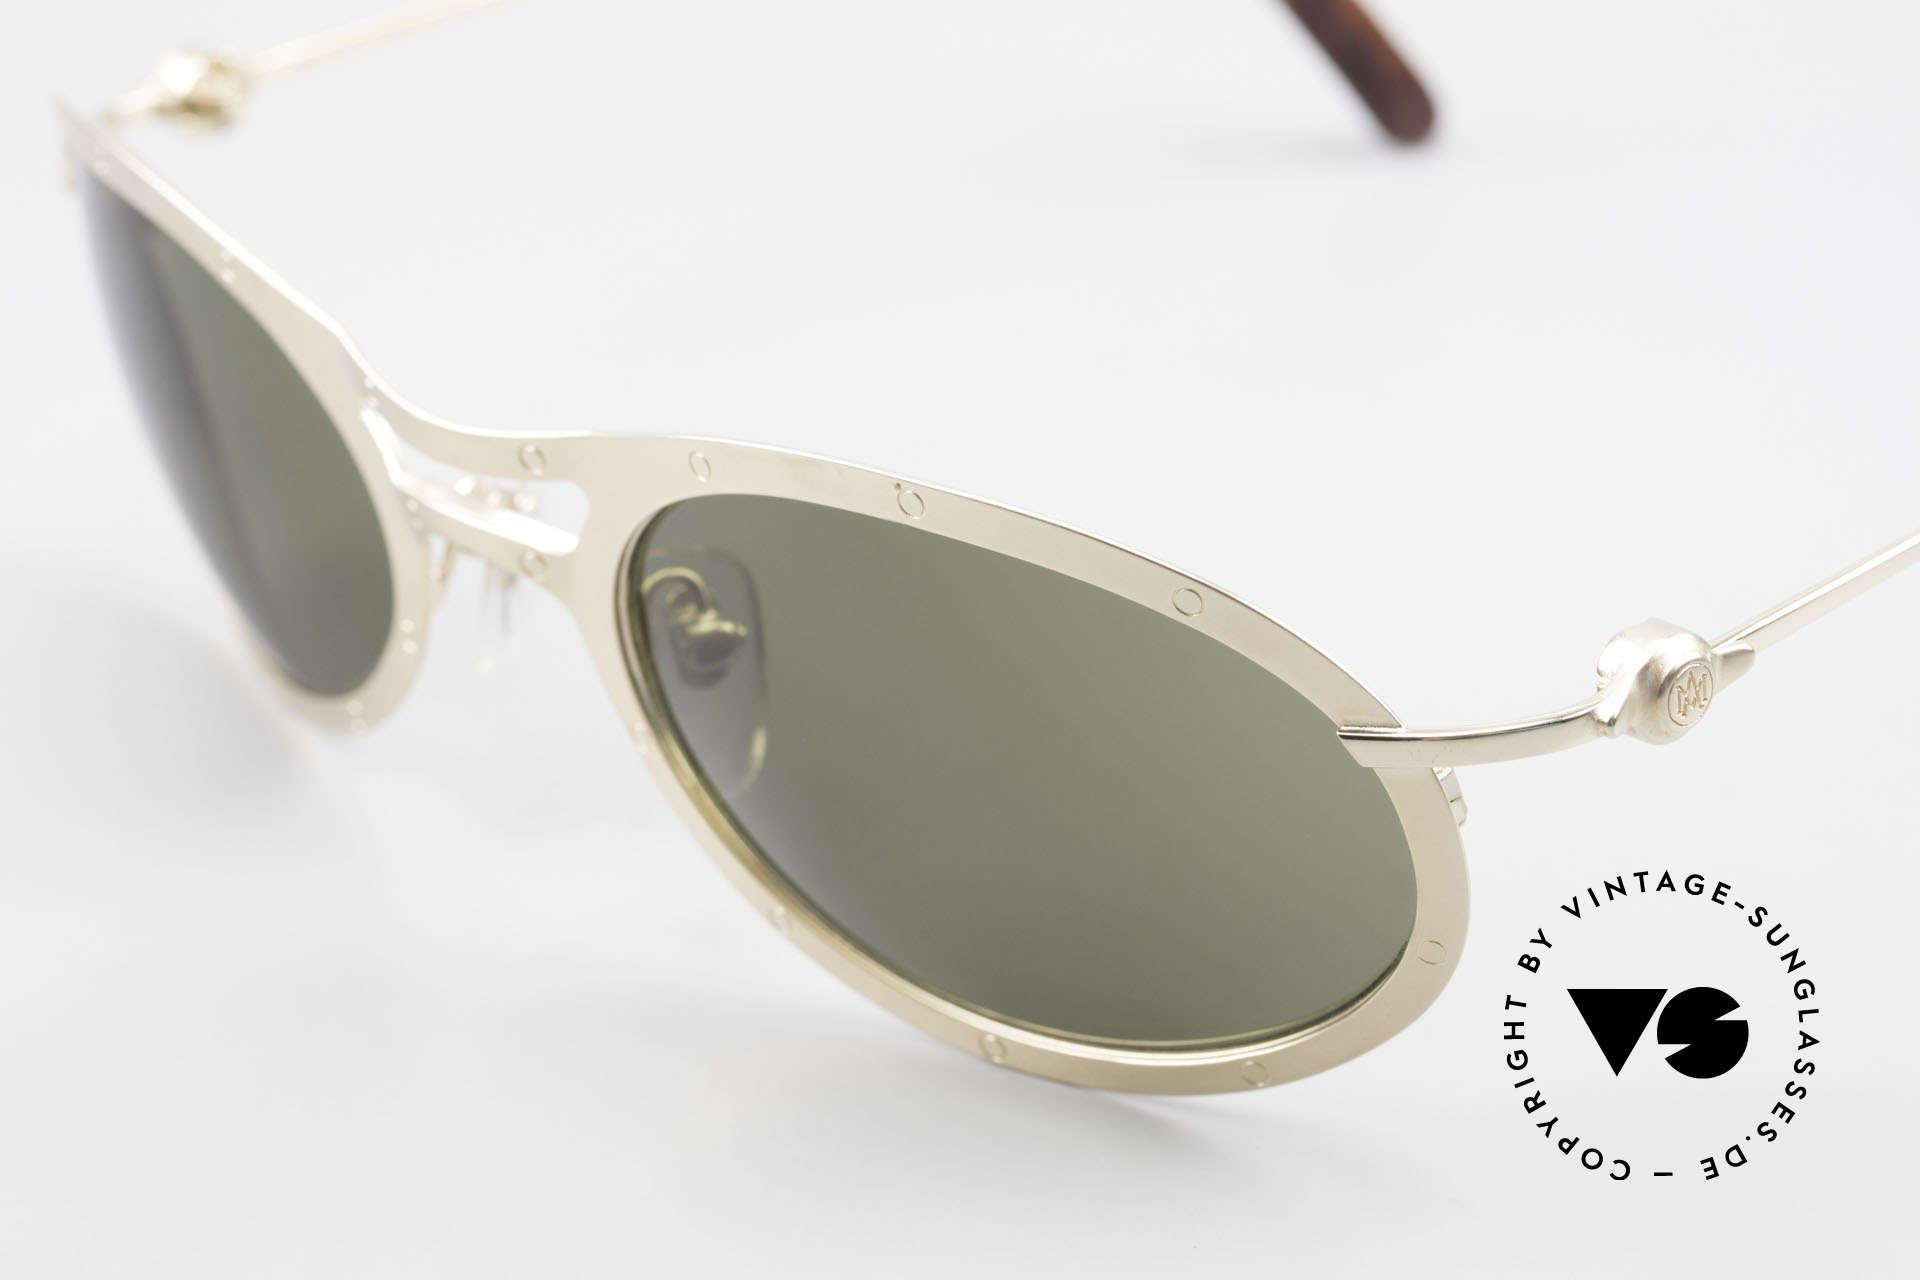 Aston Martin AM33 Sportliche Luxus Sonnenbrille, kostbares Unikat in TOP-Qualität (Polycarbonat-Gläser), Passend für Herren